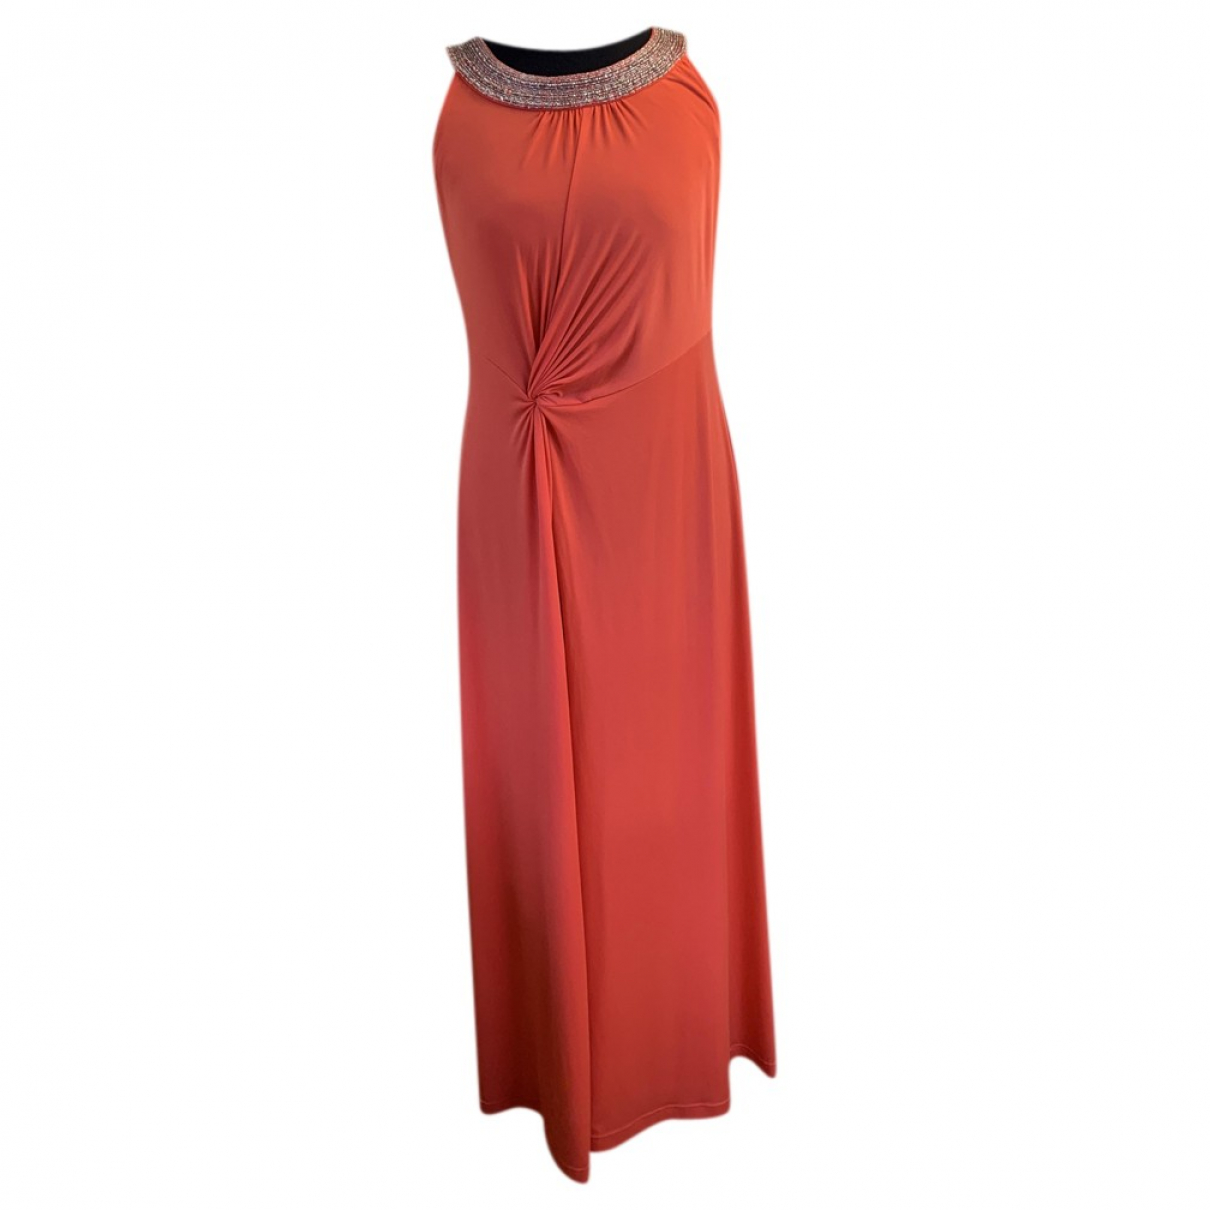 Michael Kors \N Kleid in  Rot Viskose